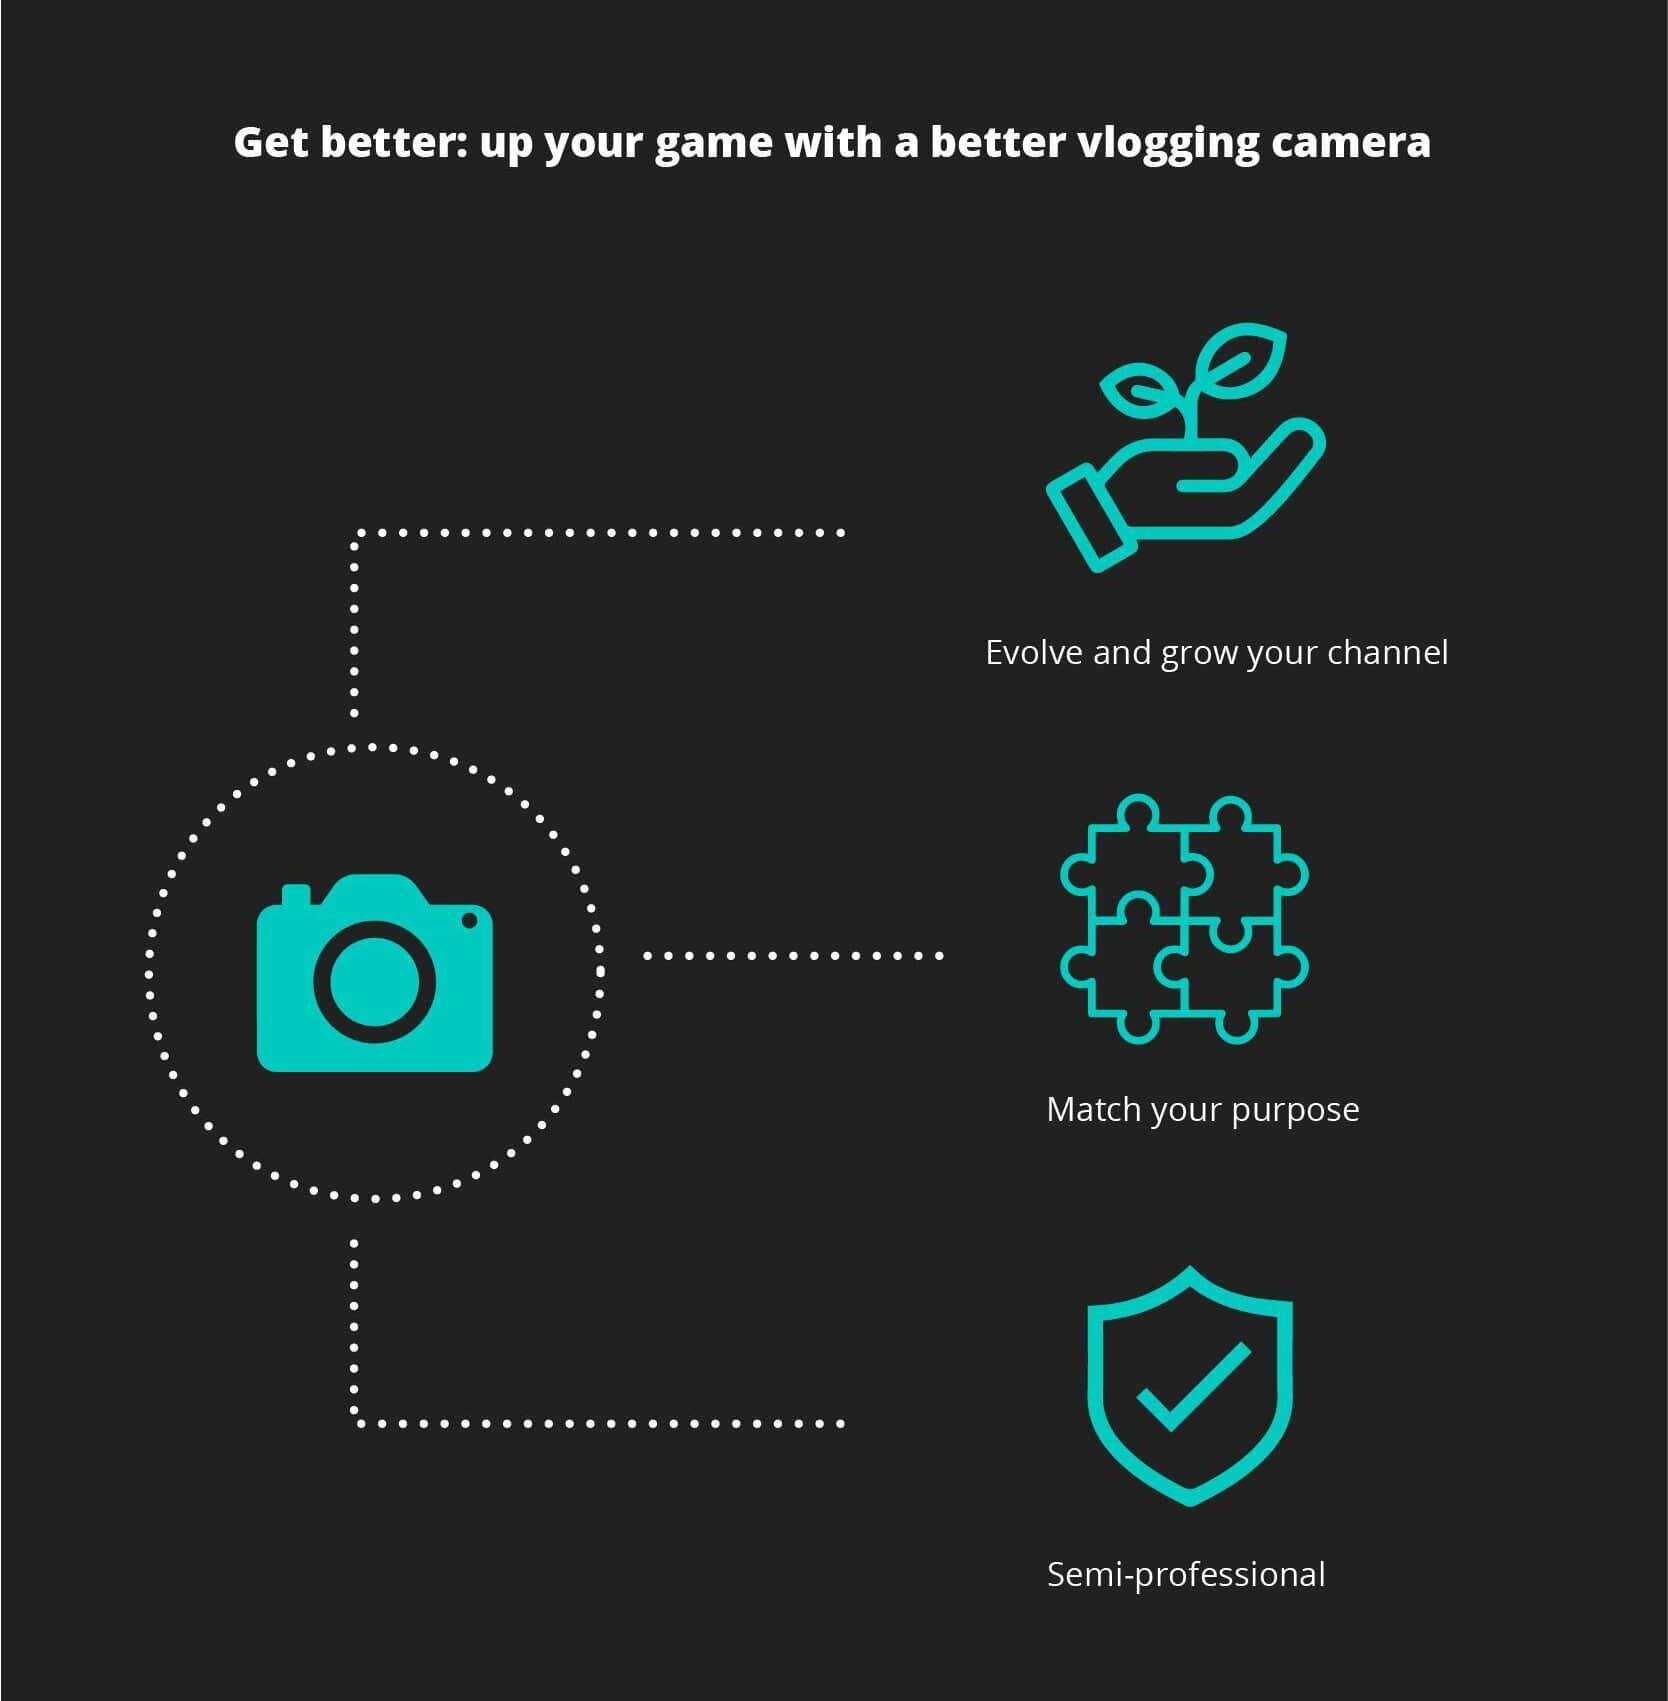 Get a better vlogging camera